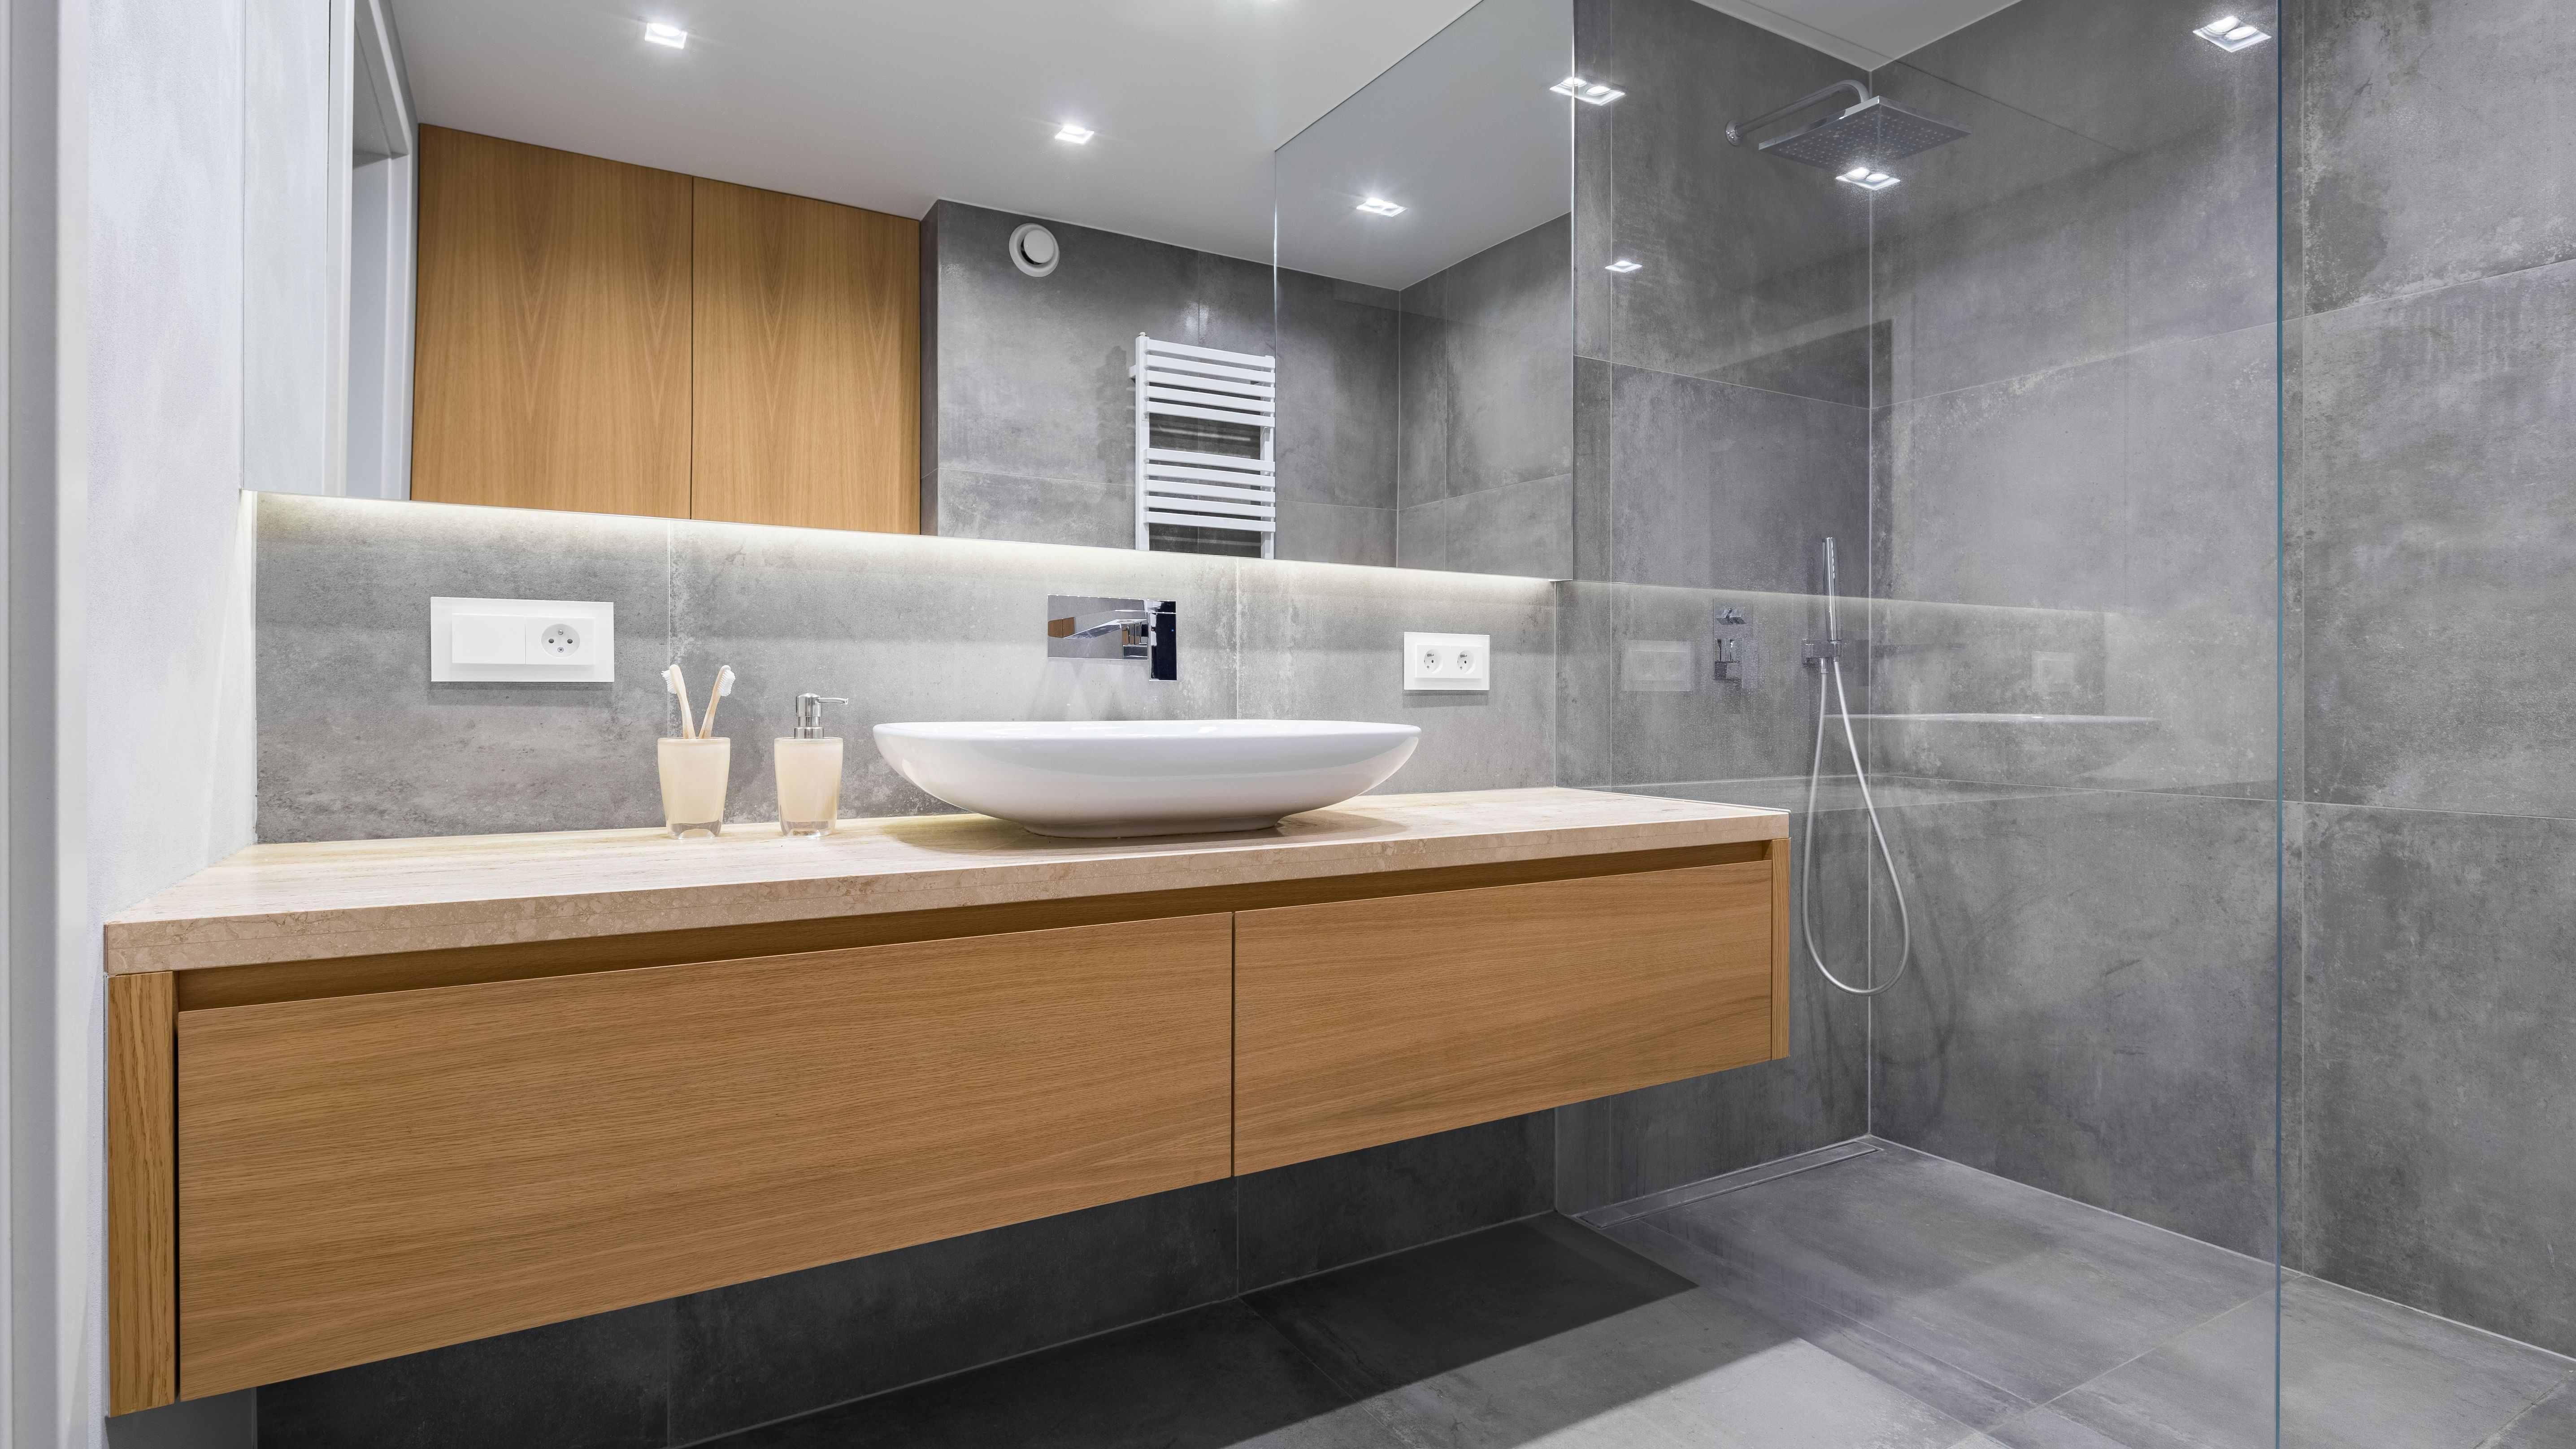 Cómo elegir un baño de diseño moderno y funcional